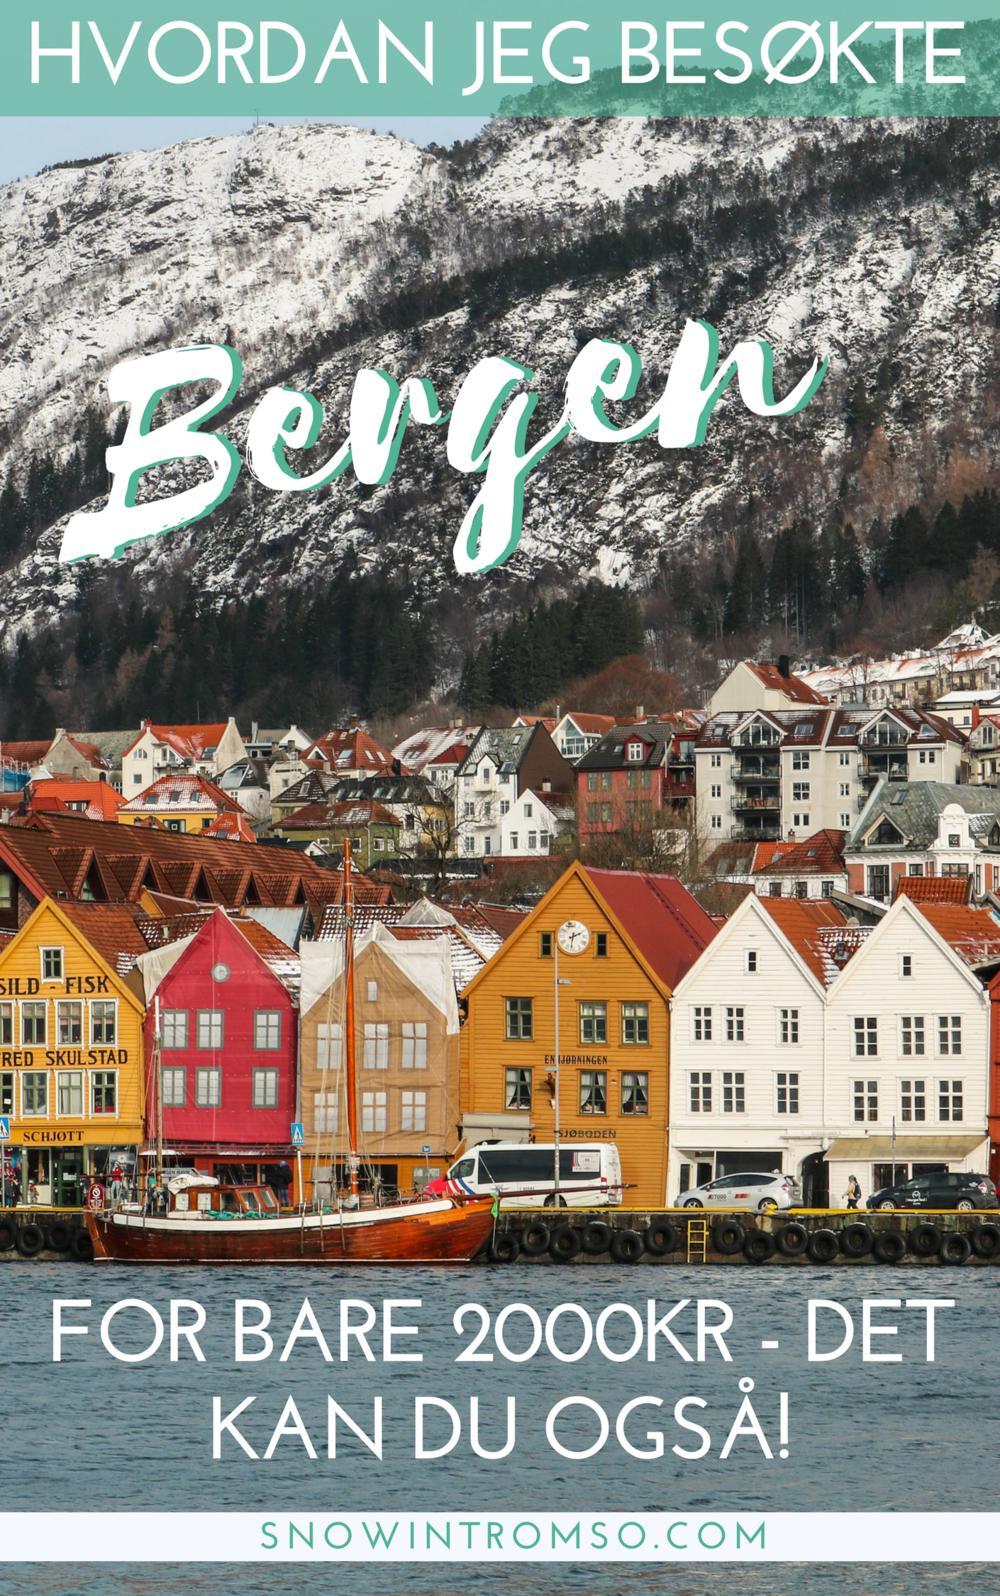 Hvordan jeg besøkte Bergen for bare 2000kr - les på bloggen hvordan du kan også gjøre det!